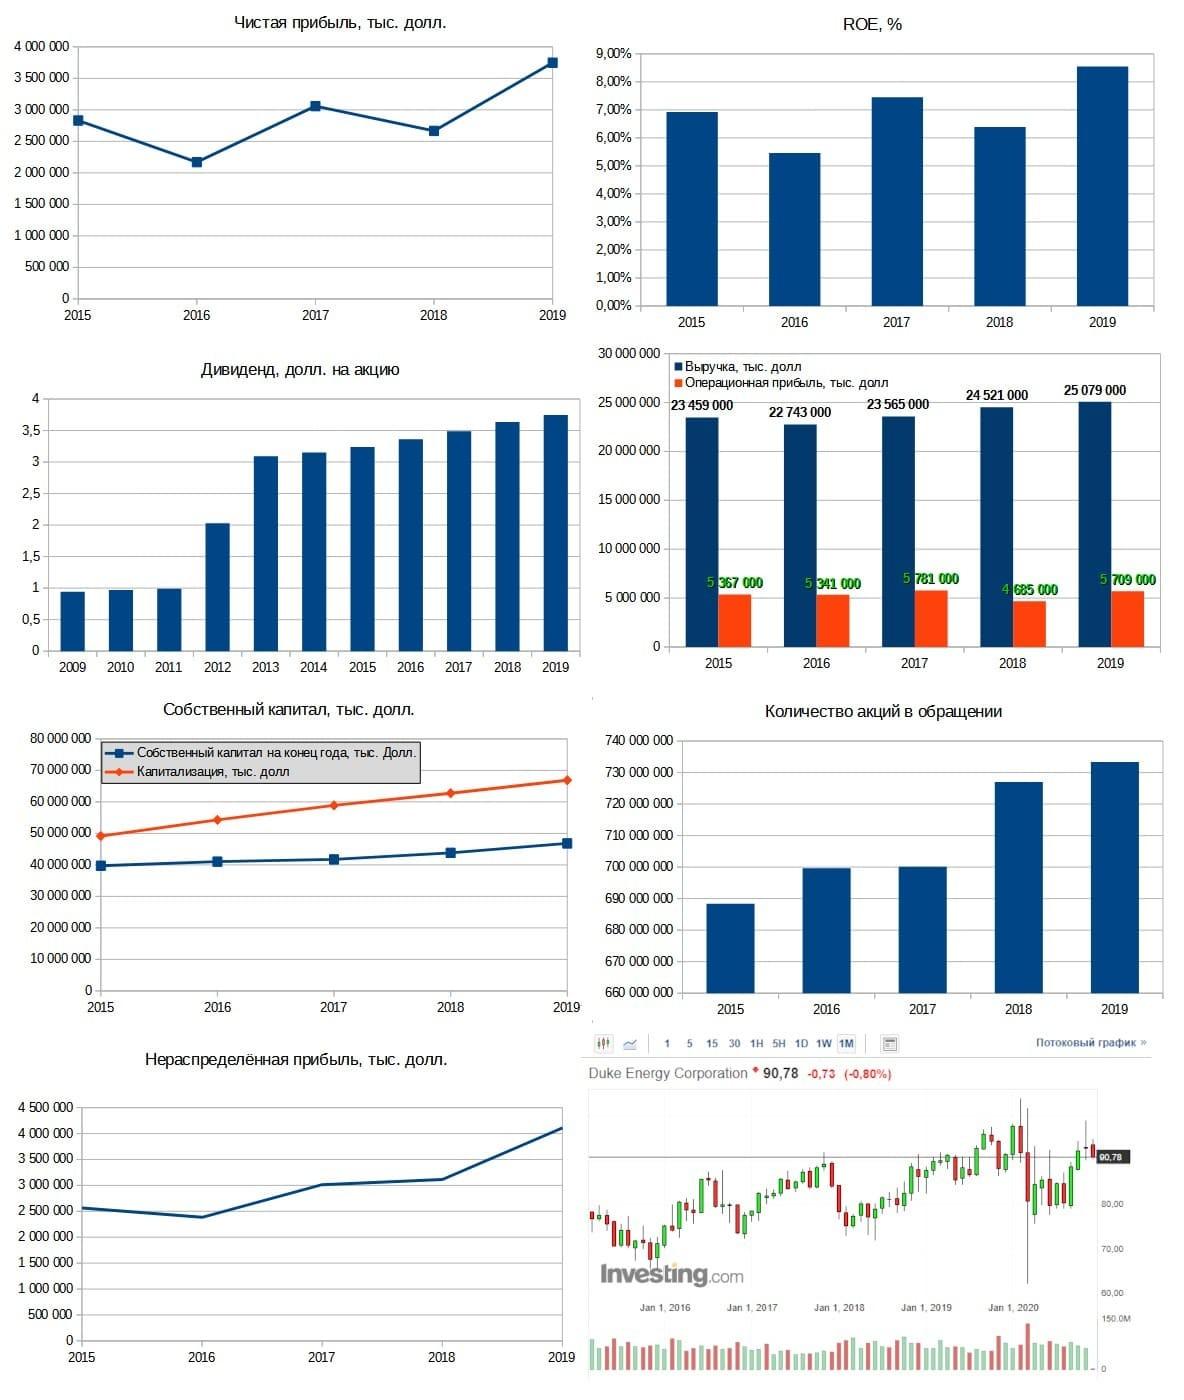 Рис. 2. Диаграммы составлены по данным EDGAR. График акций — investing.com